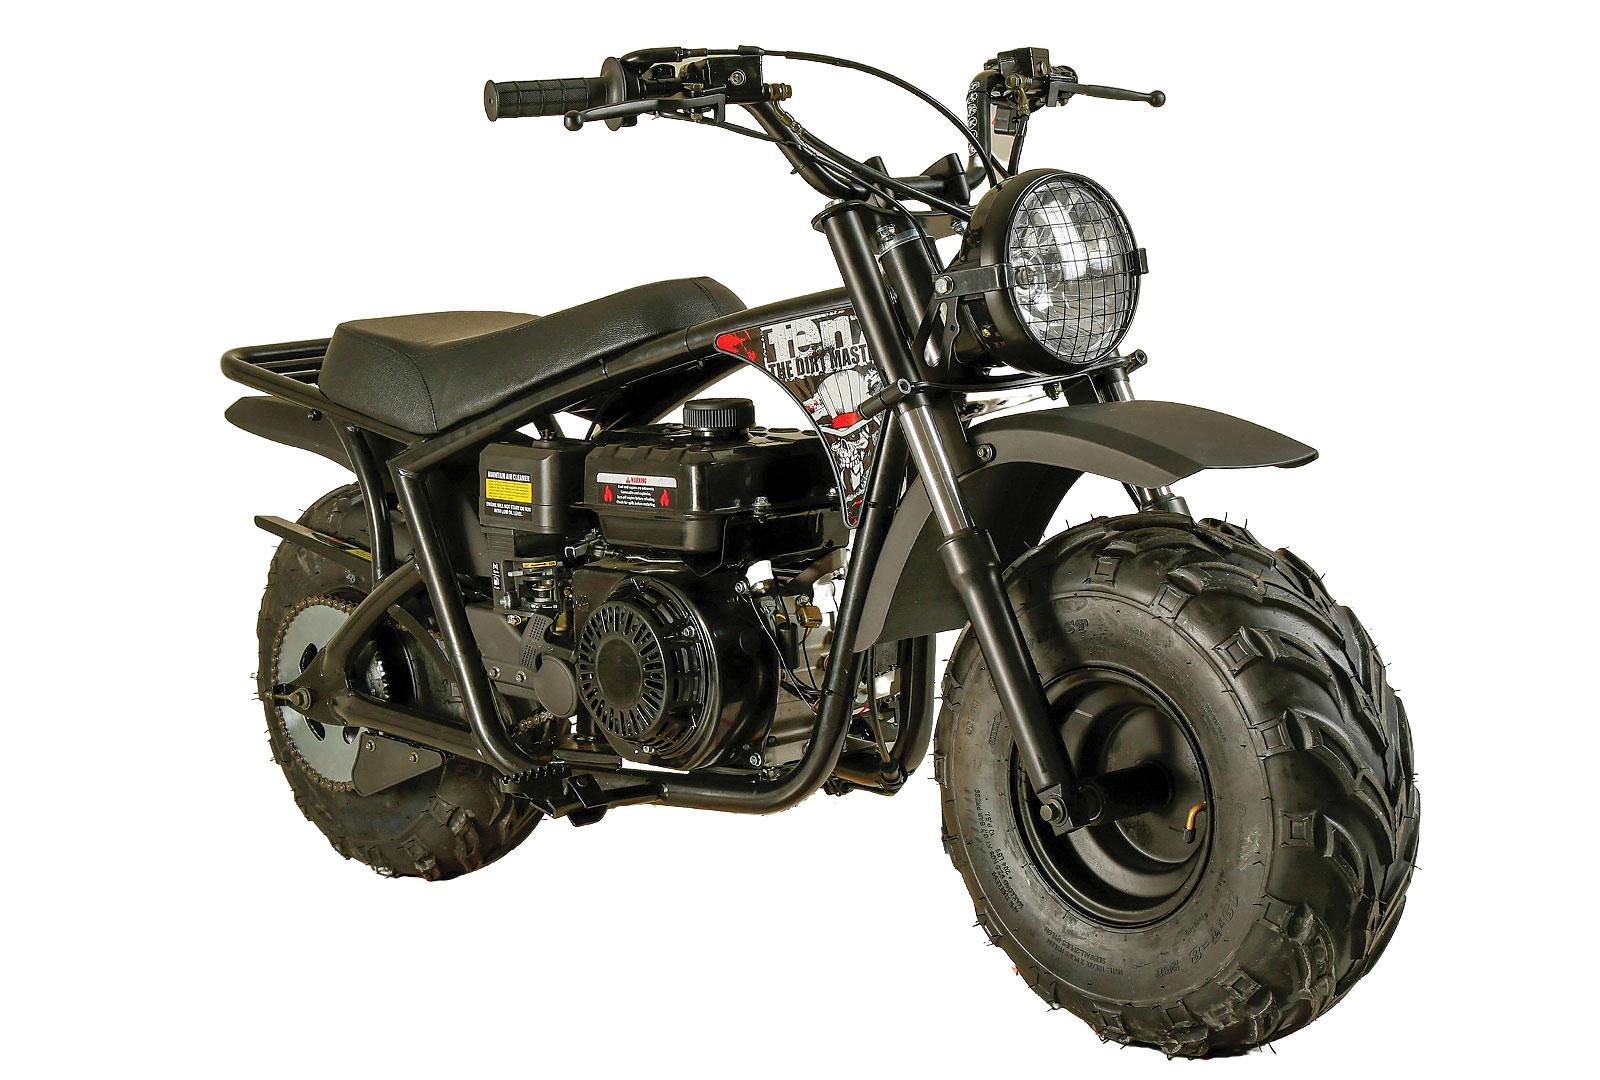 TEN7 Mudmaster 212 cc